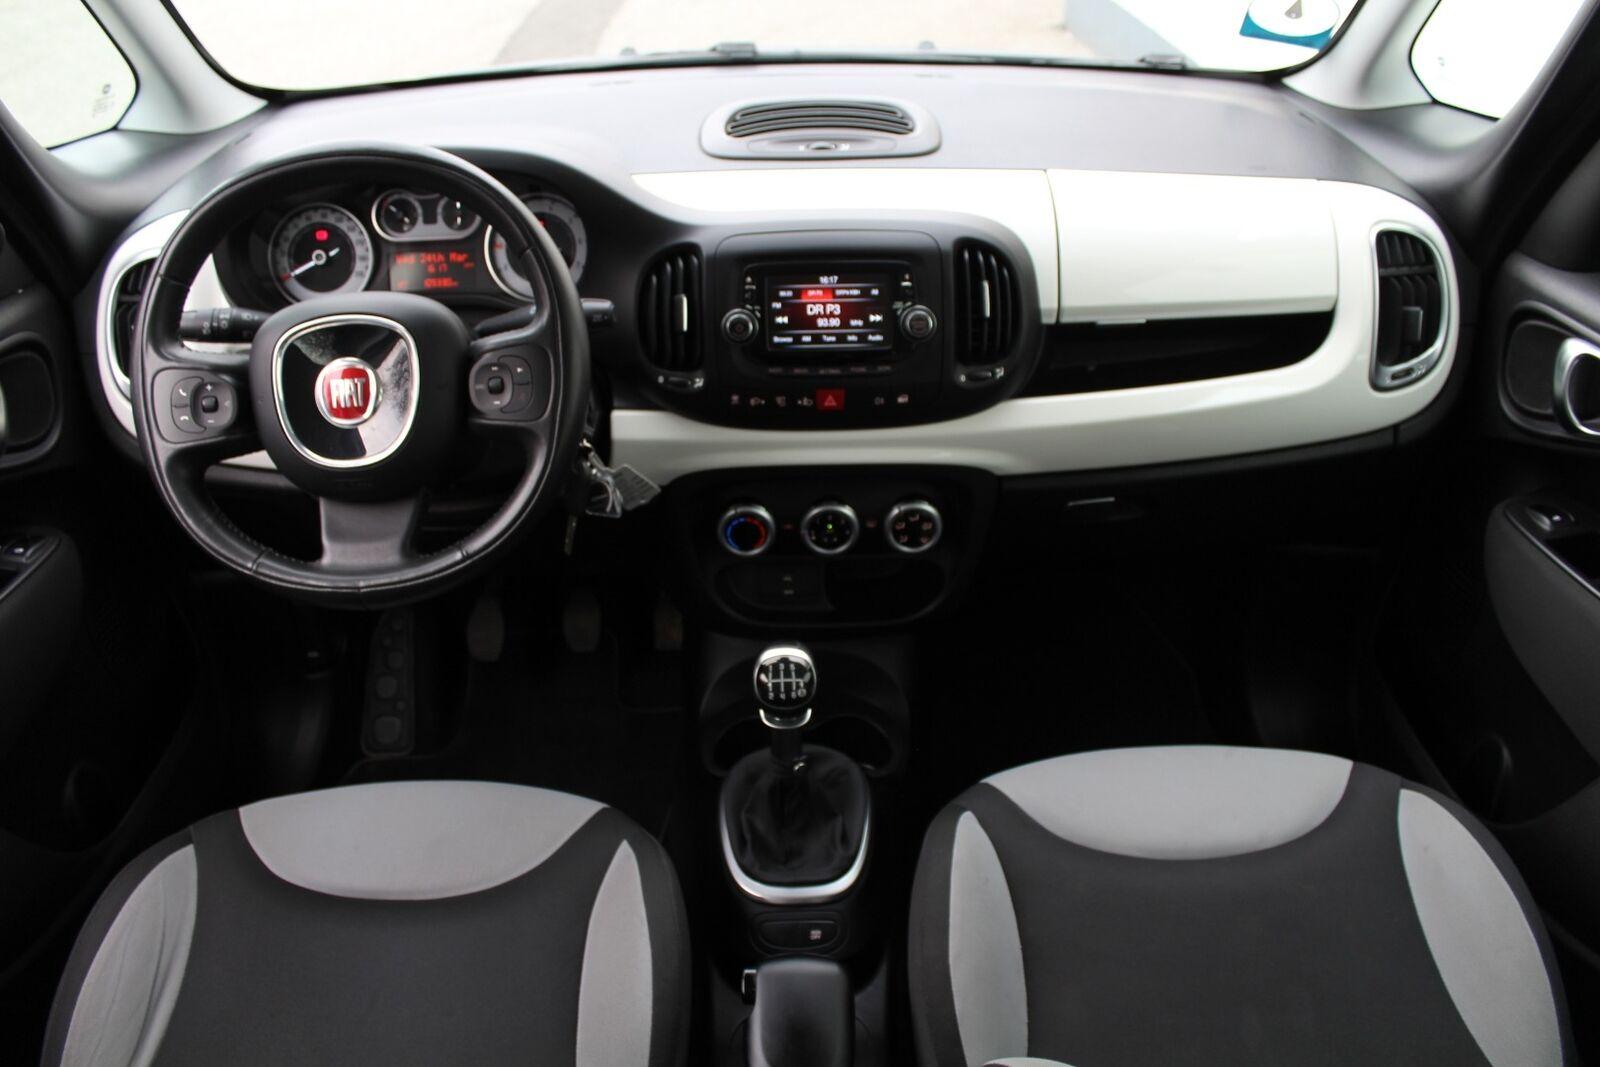 Fiat 500L 1,4 16V 95 Popstar - billede 8